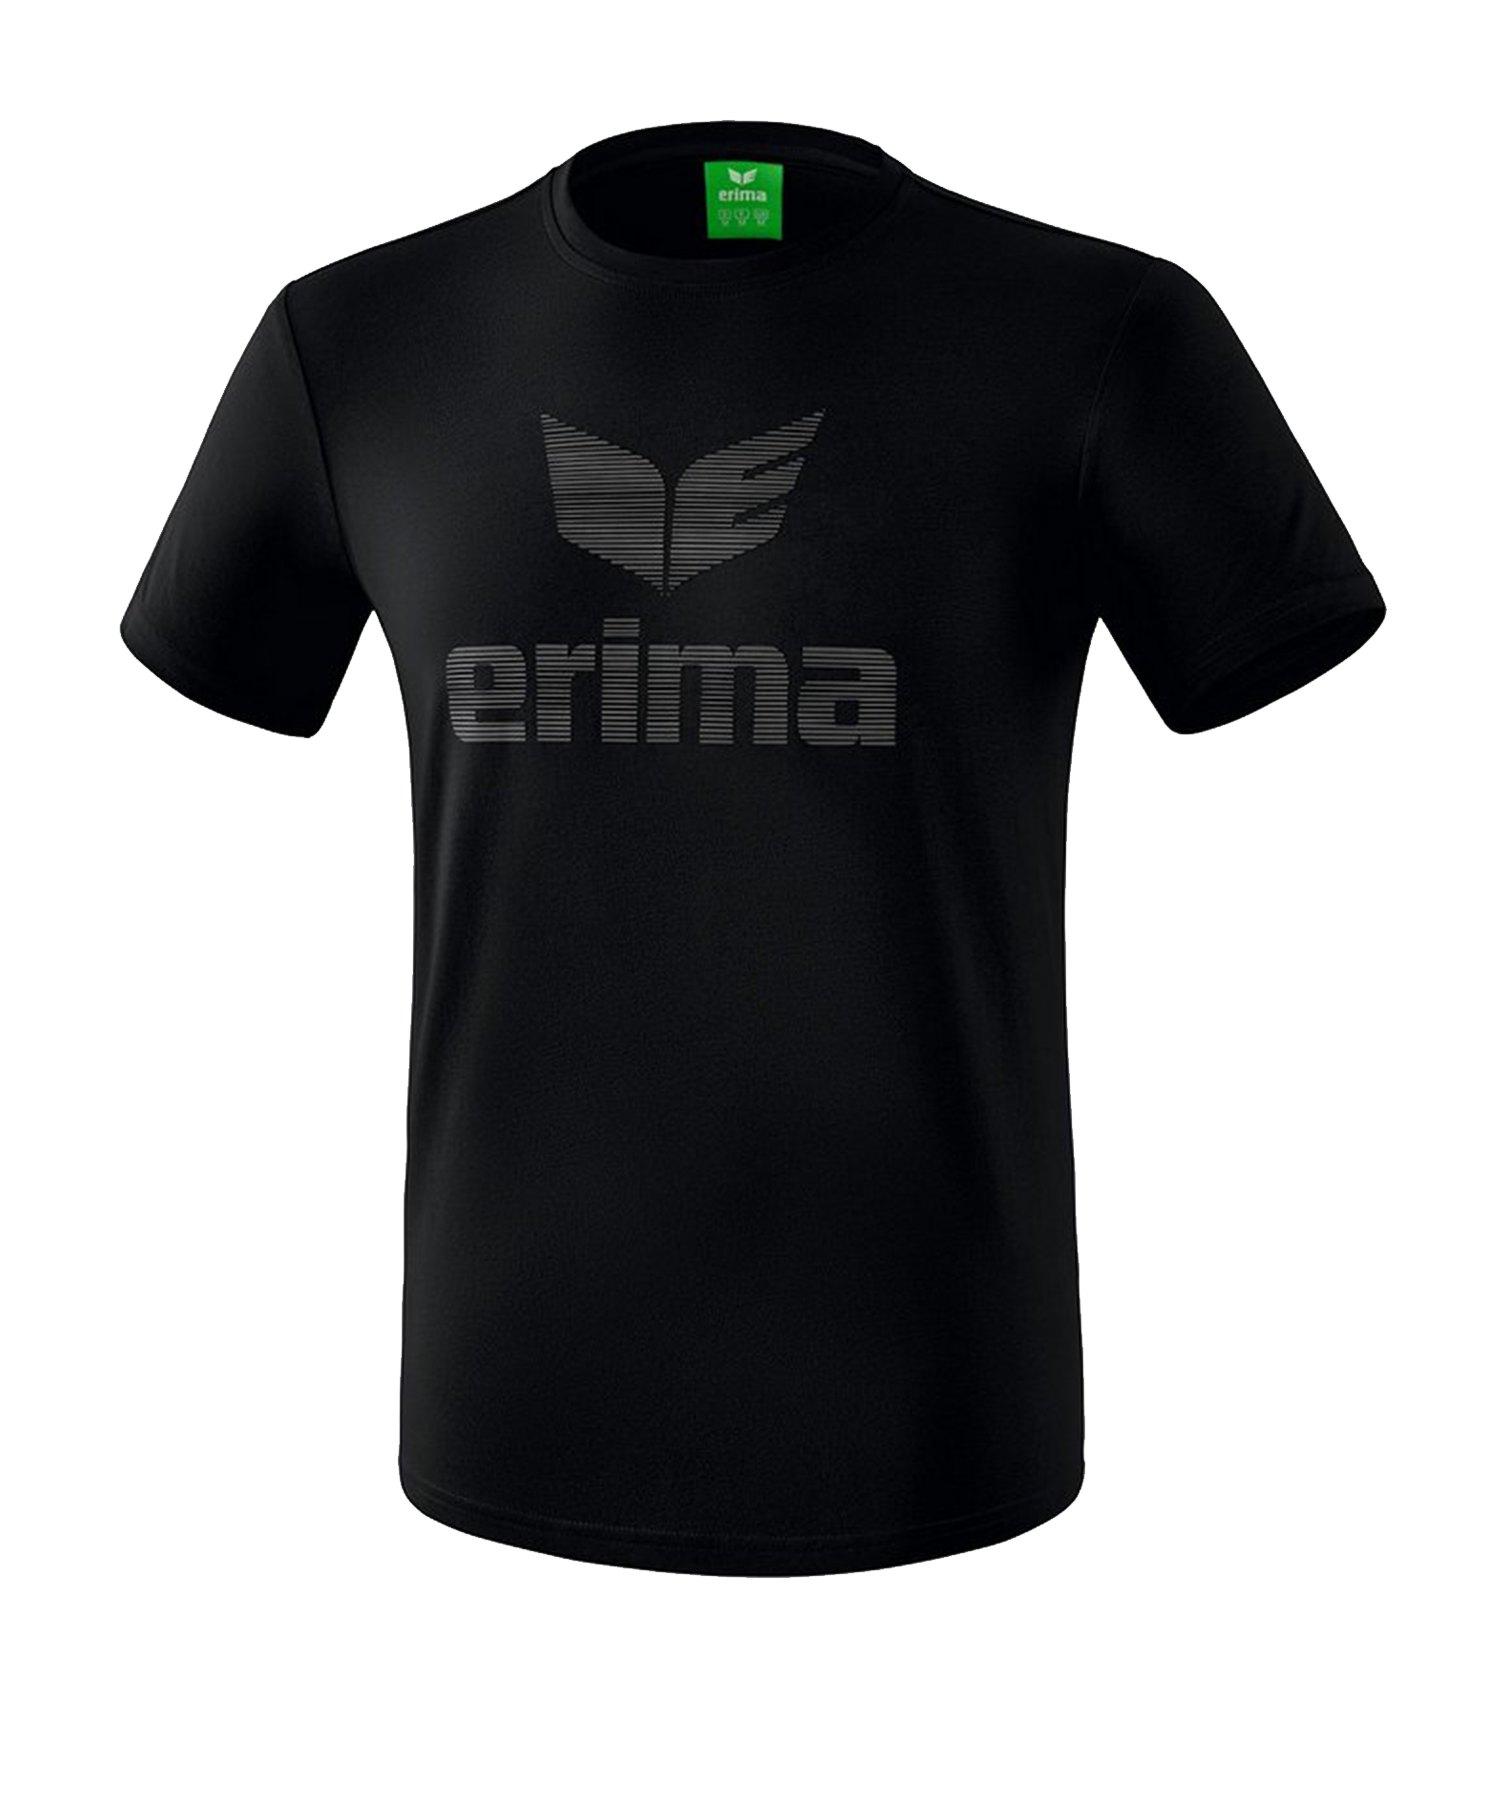 Erima Essential T-Shirt Kids Schwarz Grau - Schwarz